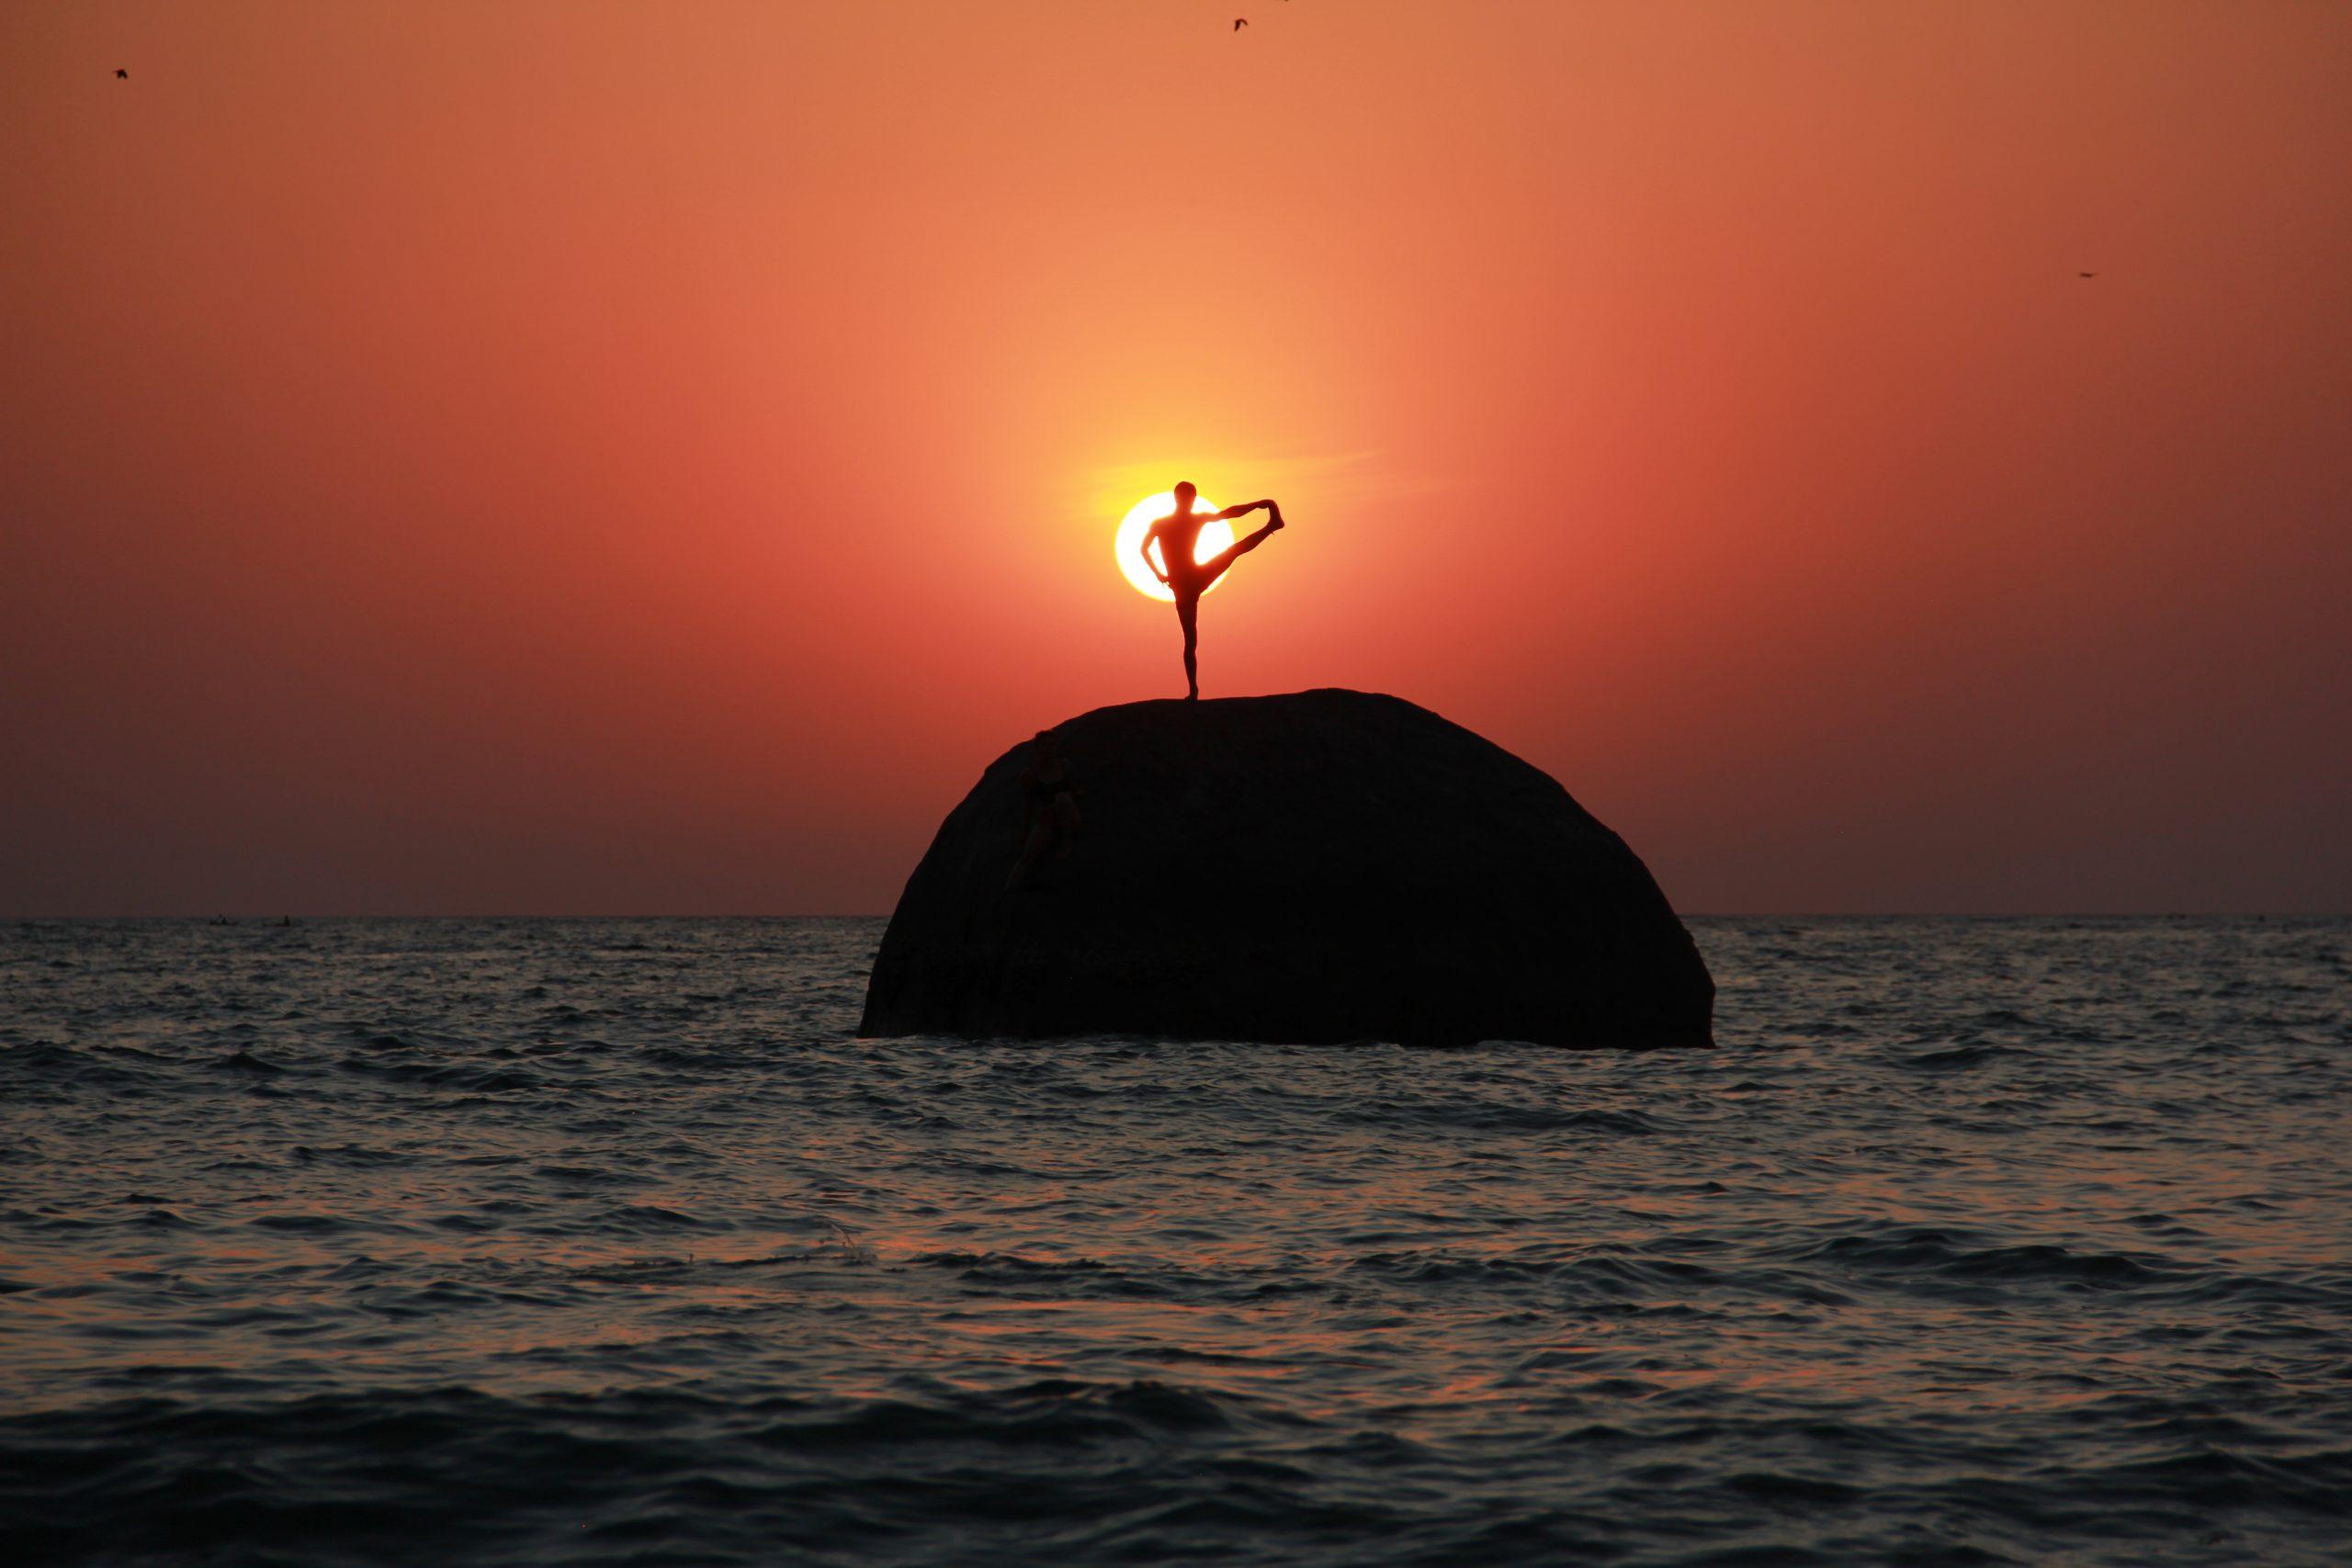 slackline highline indien india yoga pose